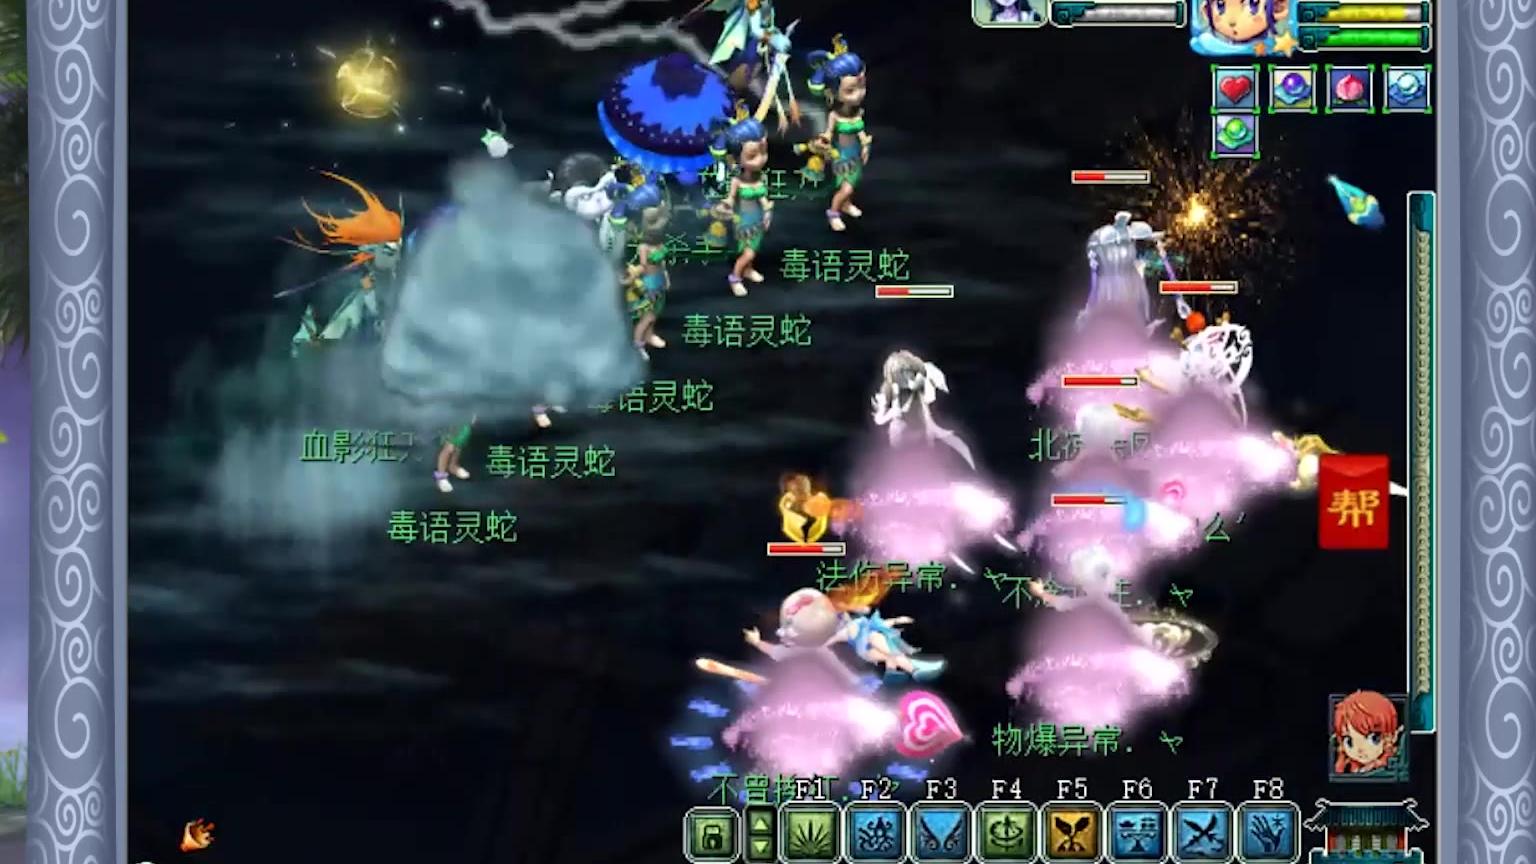 梦幻西游:老王带队五更寒送死,队友被反间,一刀一个小朋友!